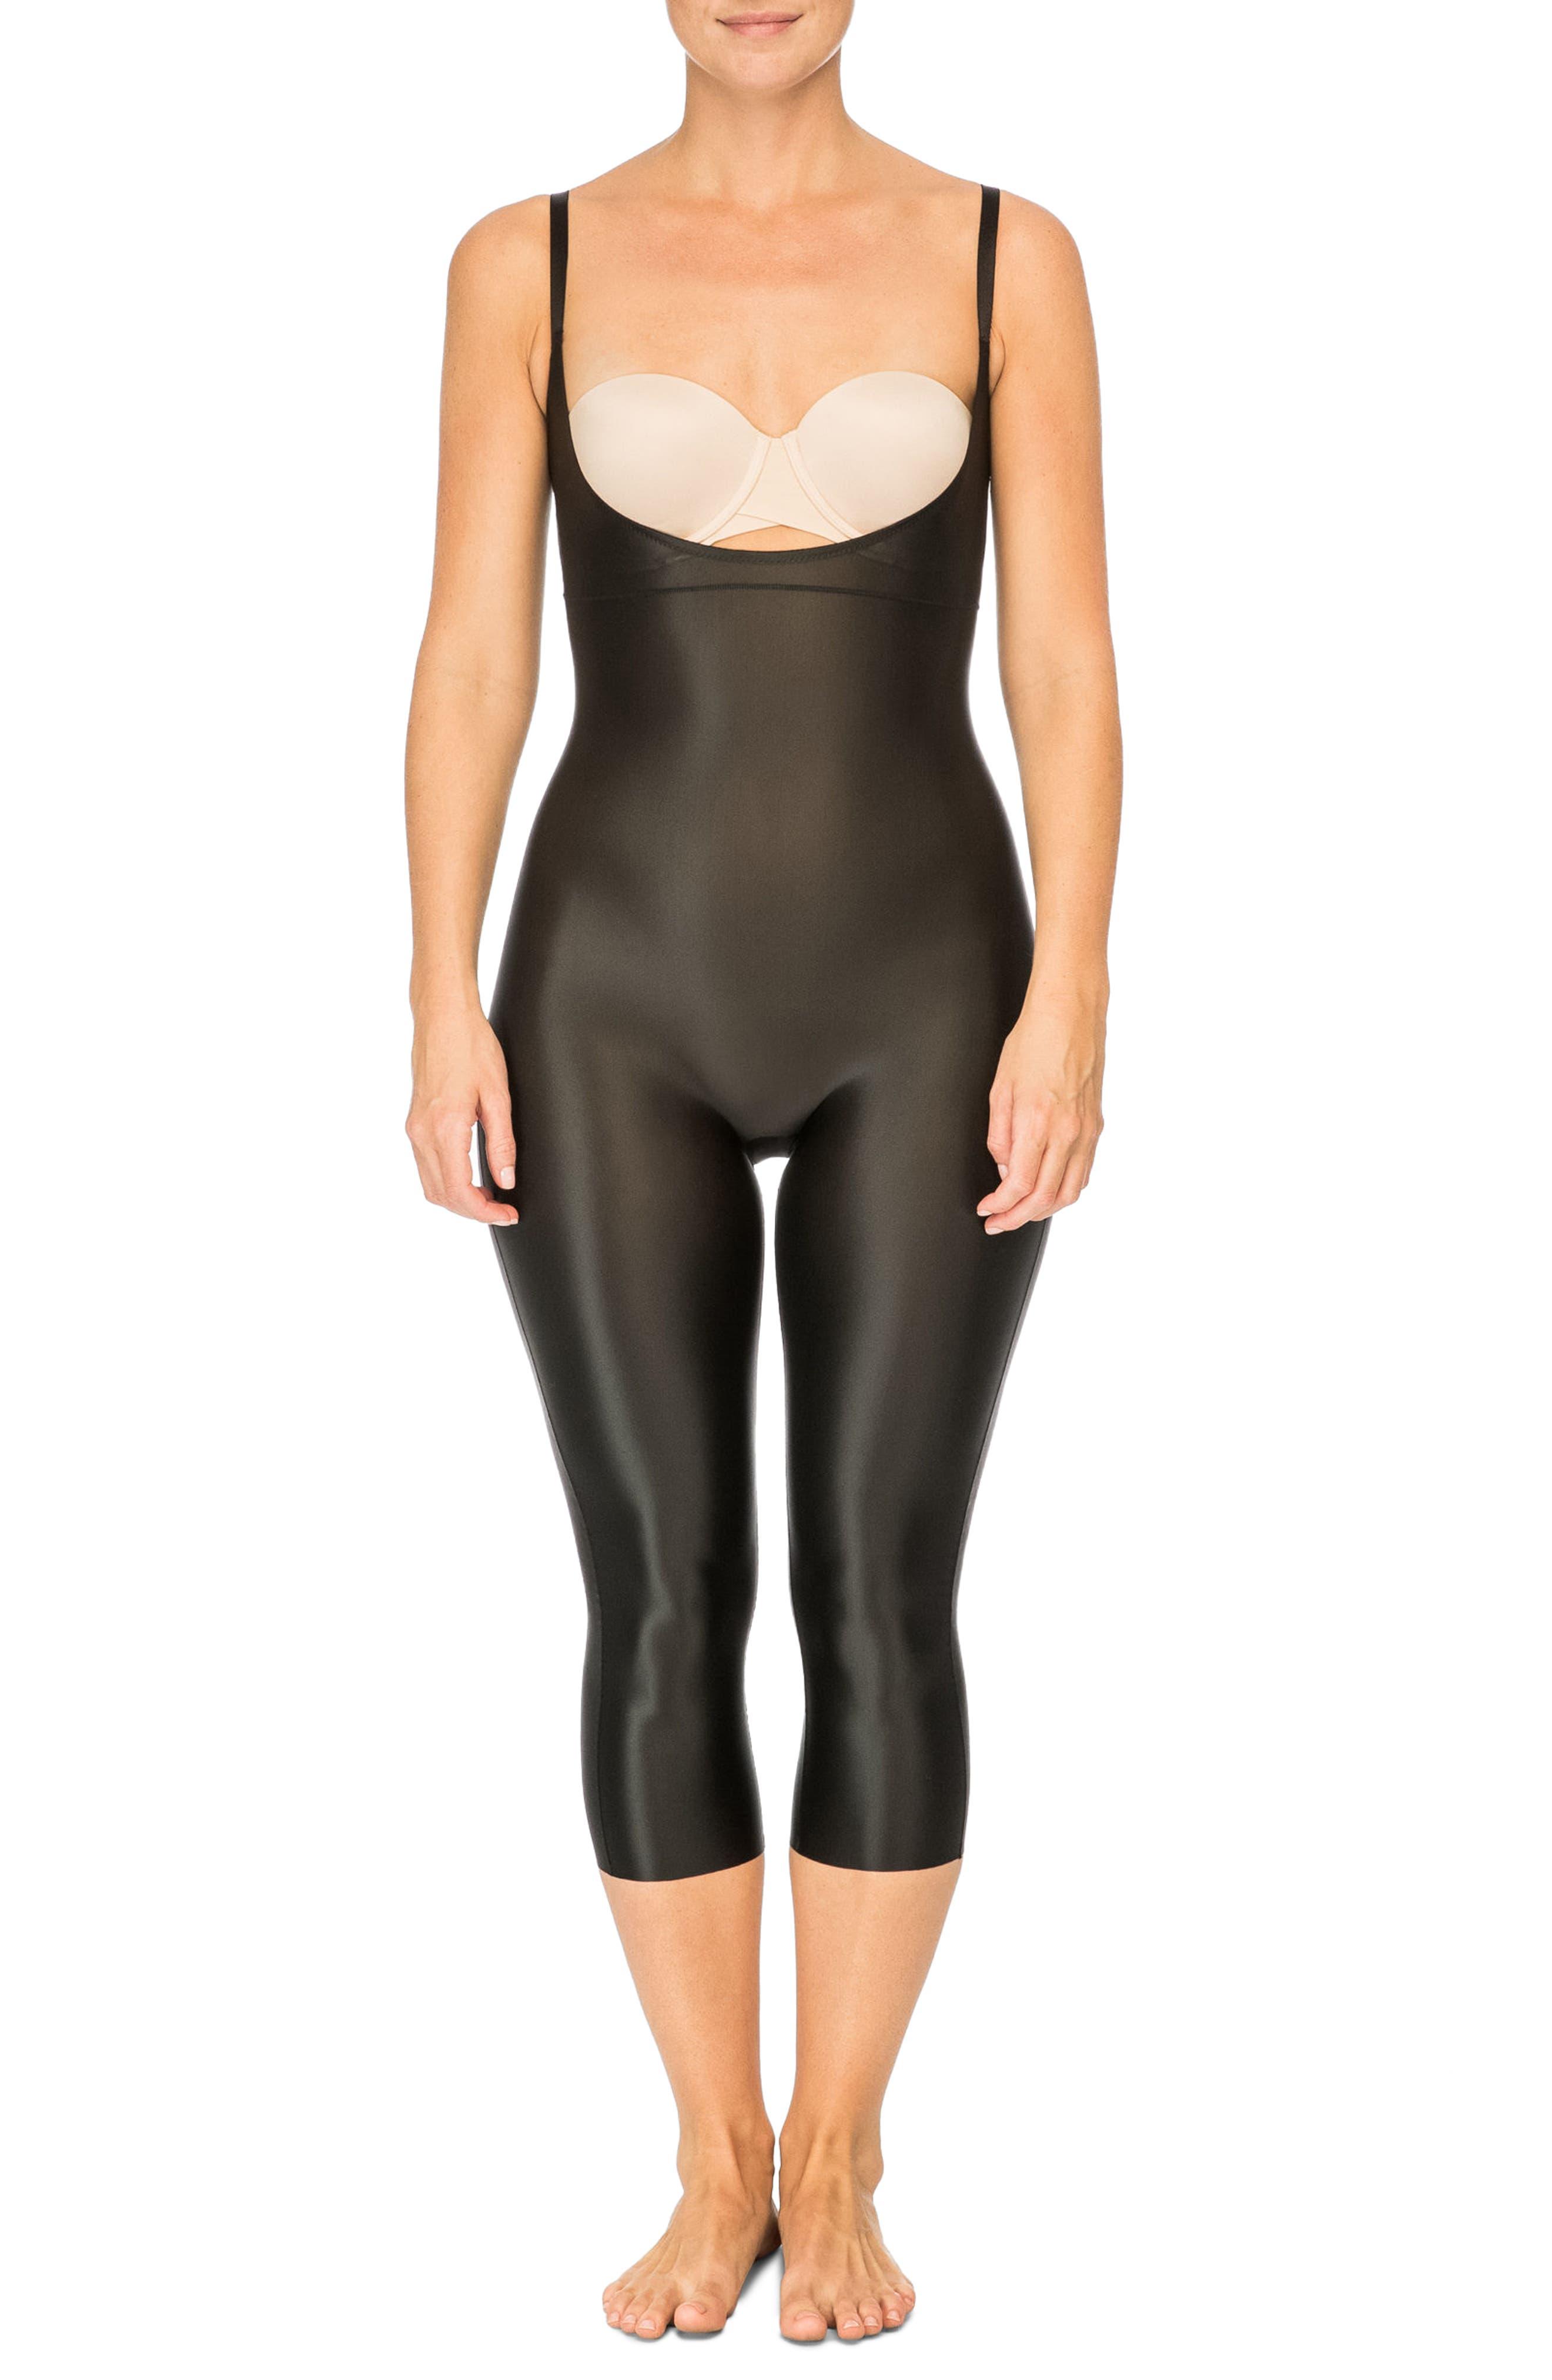 Suit Your Fancy Open-Bust Shaper Catsuit,                         Main,                         color, Very Black